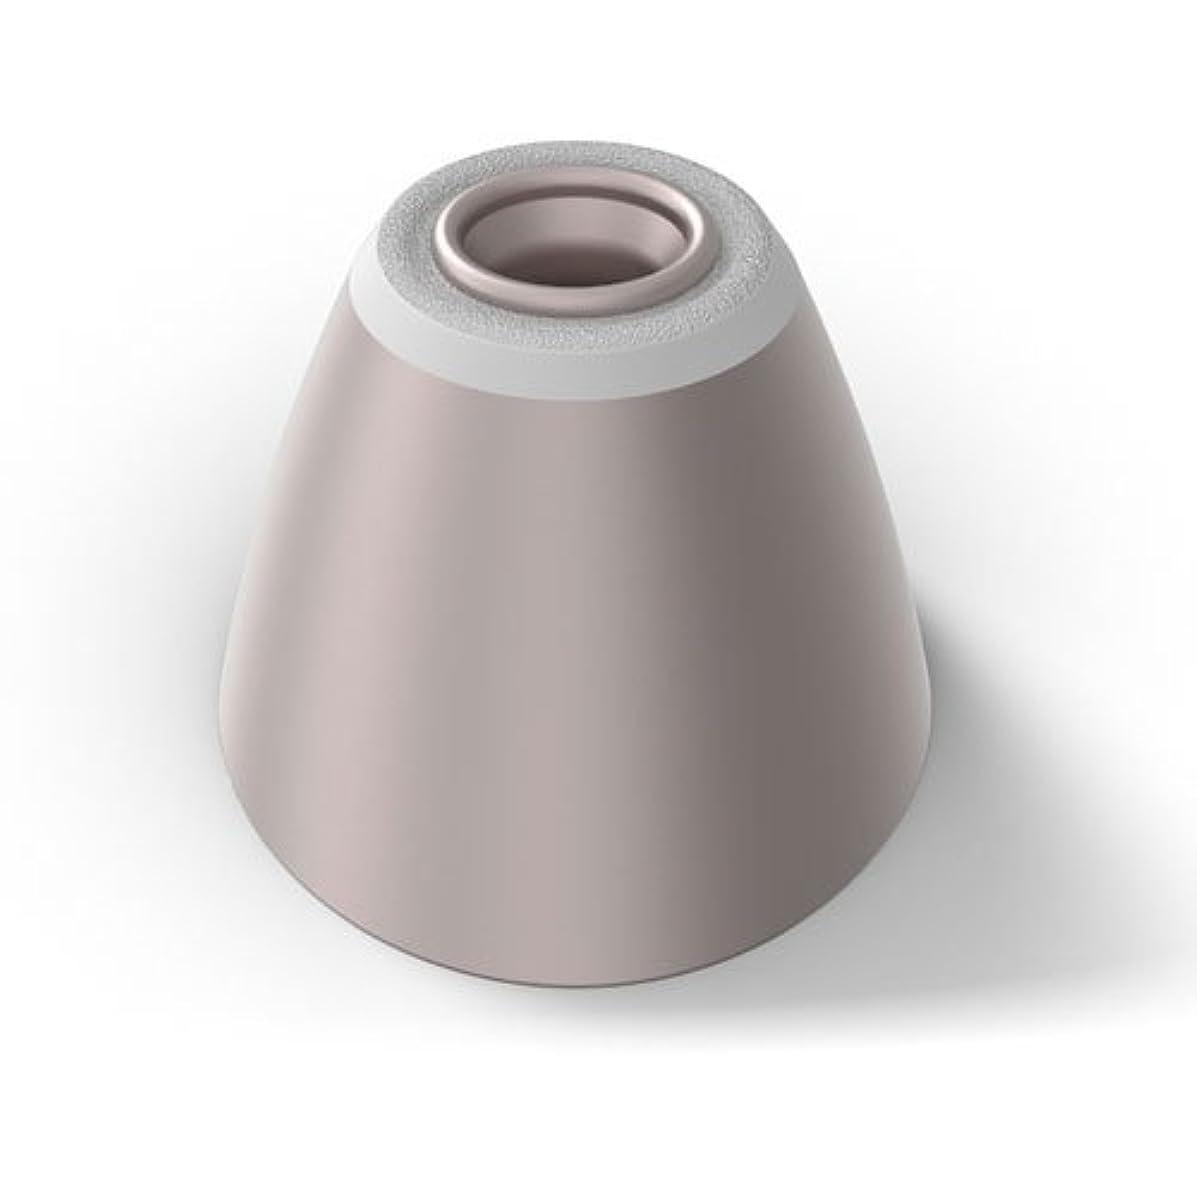 ボーナス穿孔するホイッスルSC6891/03 プレステ-ジ用 ファ-ミング?チップ